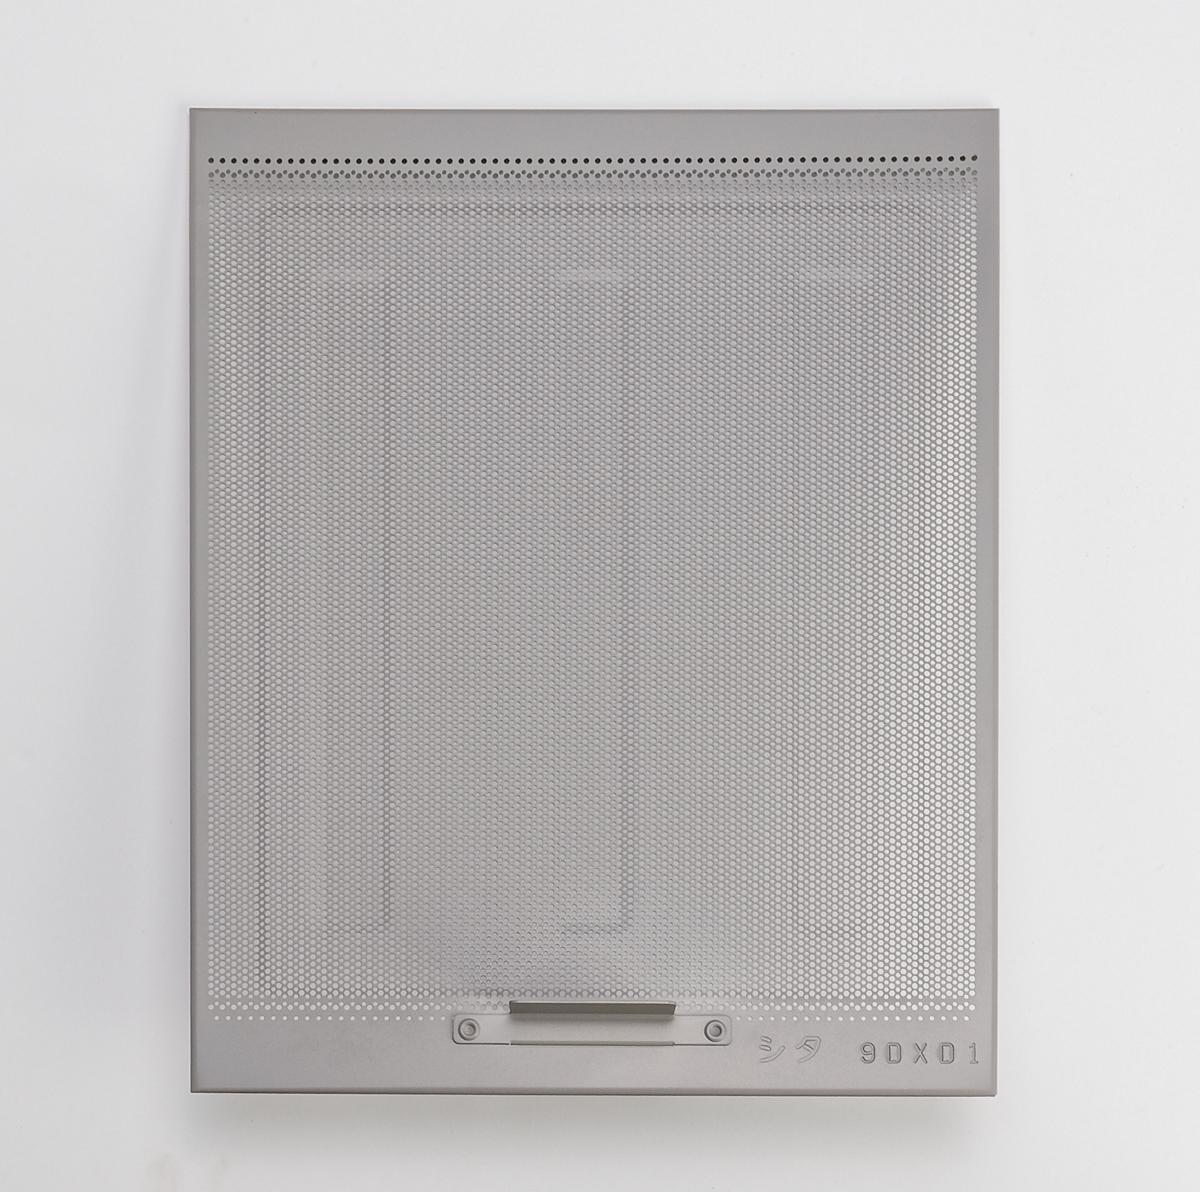 パナソニック Panasonic【FRH1630091】フィルター(アクアイージー)1枚入り[新品]